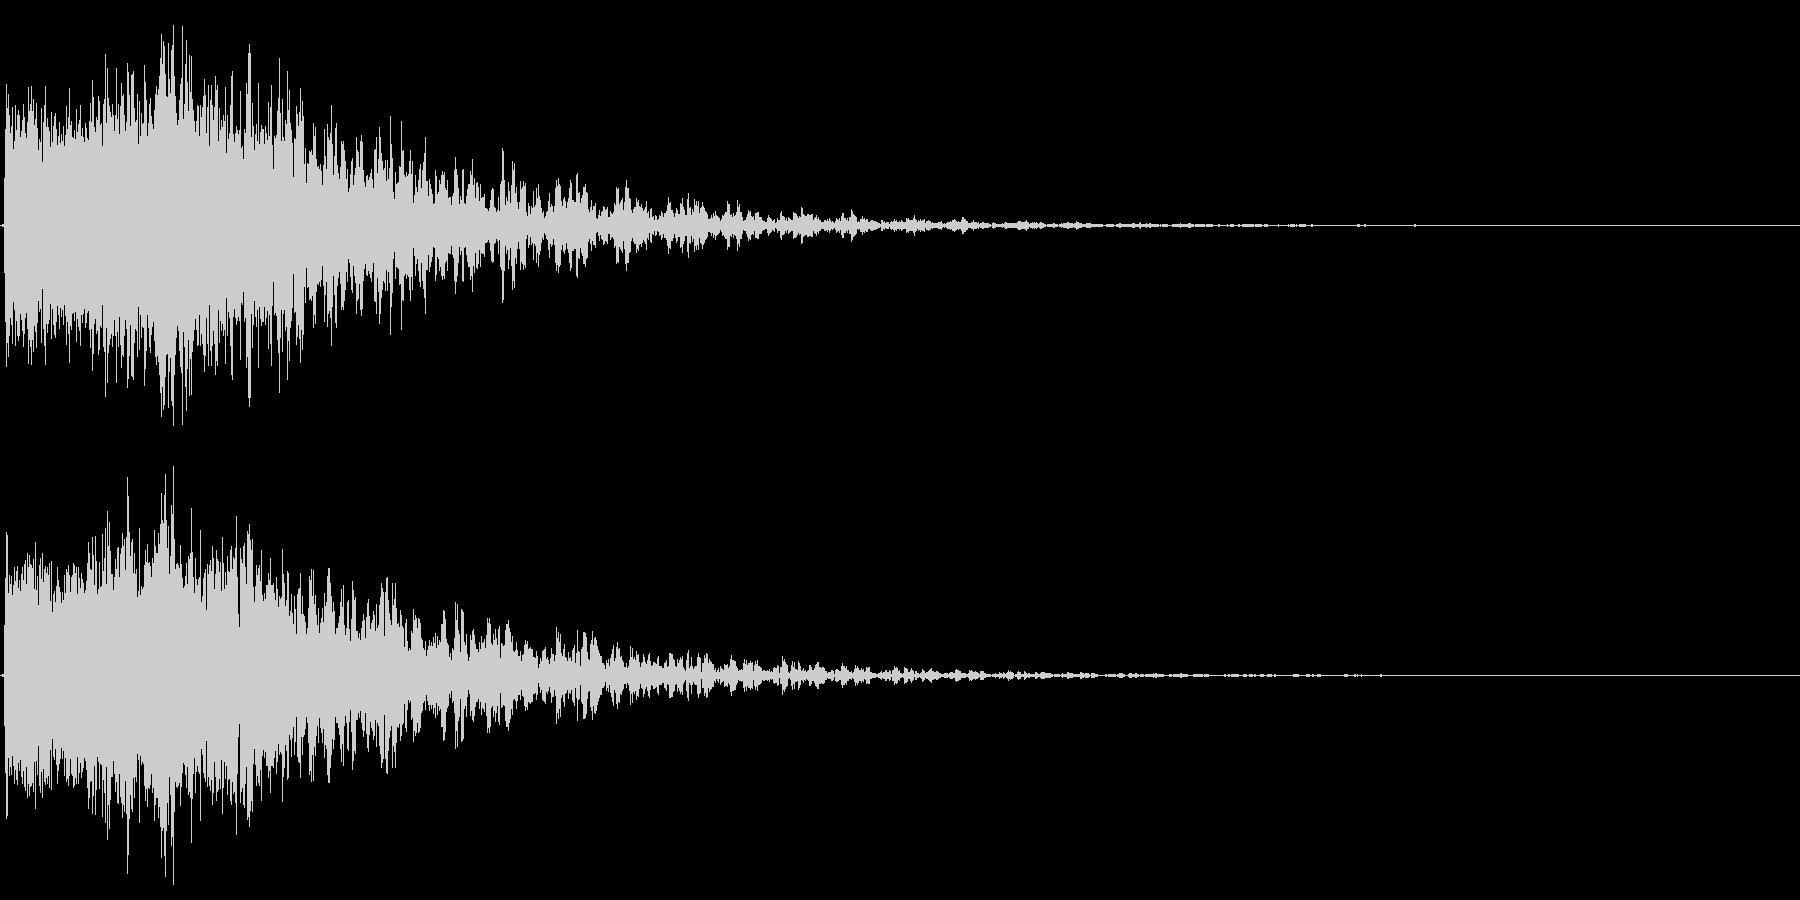 カー!ブーン(衝撃的な音)の未再生の波形